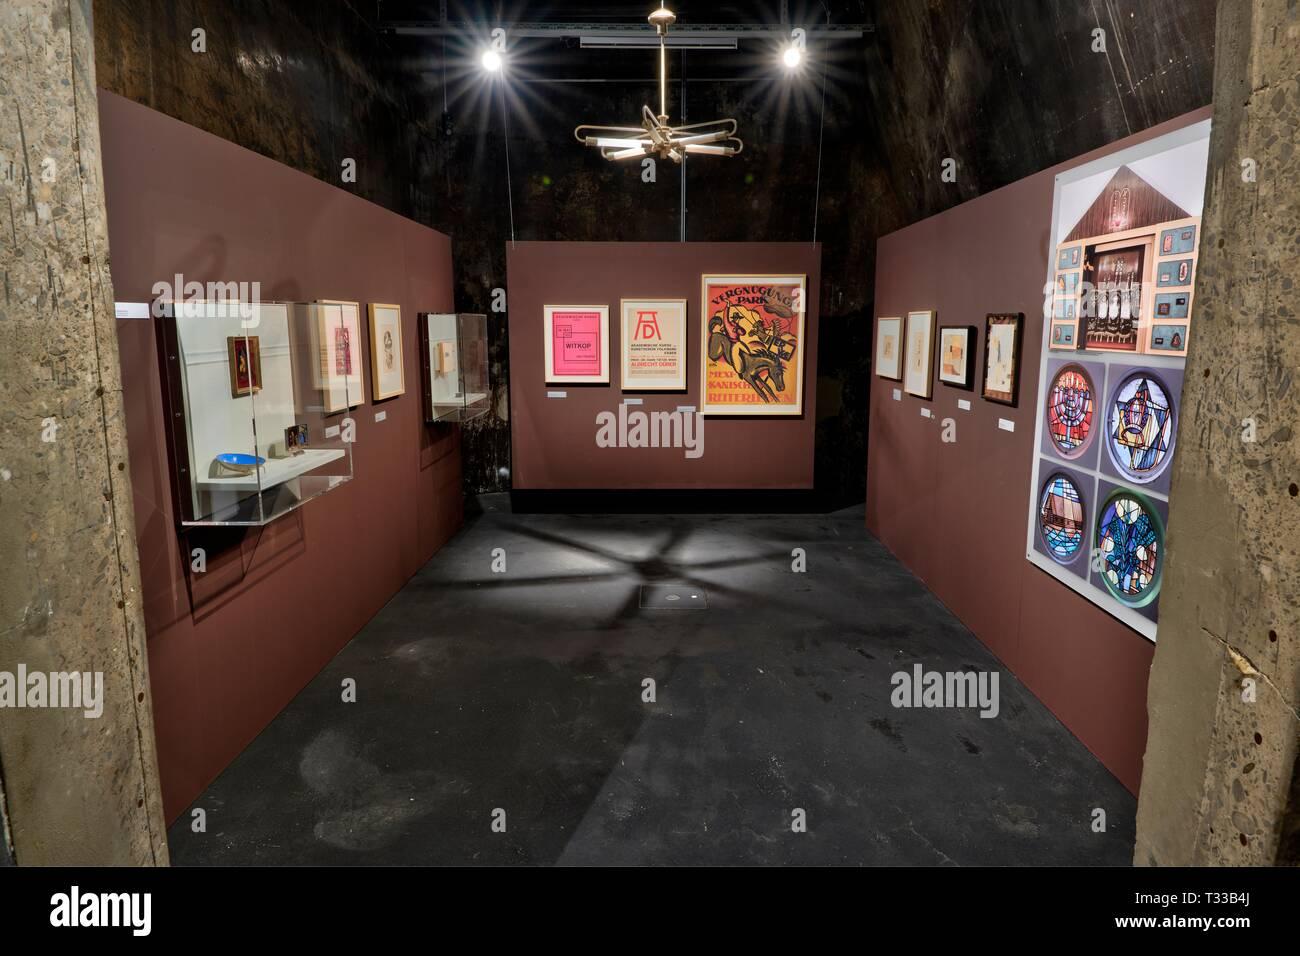 Im Rahmen von 100 Jahren Bauhaus findet vom 8.4.2019 bis 5.1.2020 auf dem Weltkulturerbe Zollverein in Essen im dort beheimateten Ruhrlandmuseum die A - Stock Image